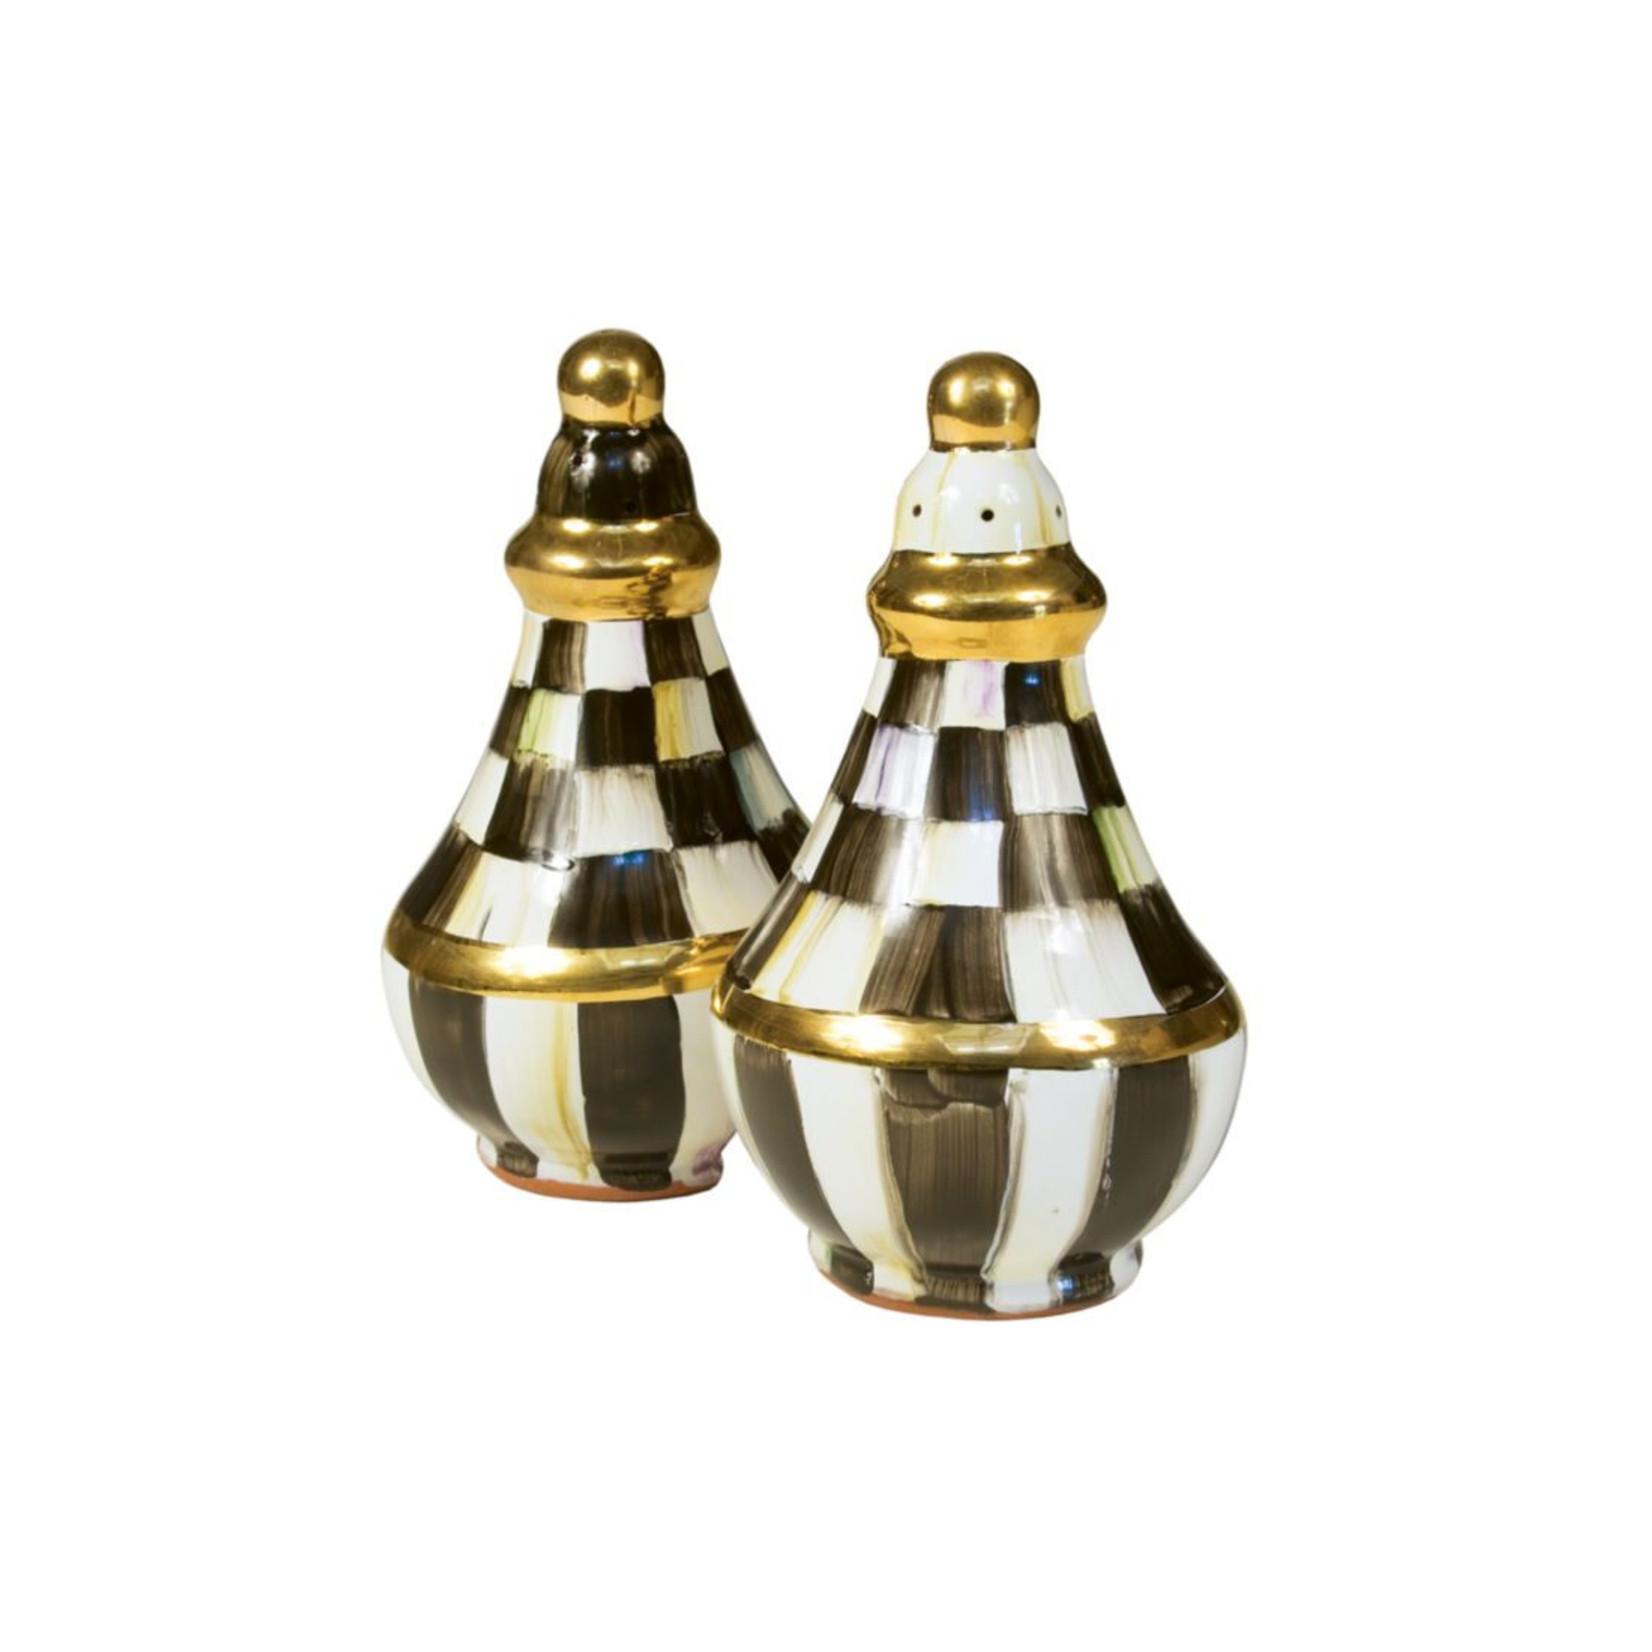 MacKenzie Childs Courtly Check Salt & Pepper Shaker Set